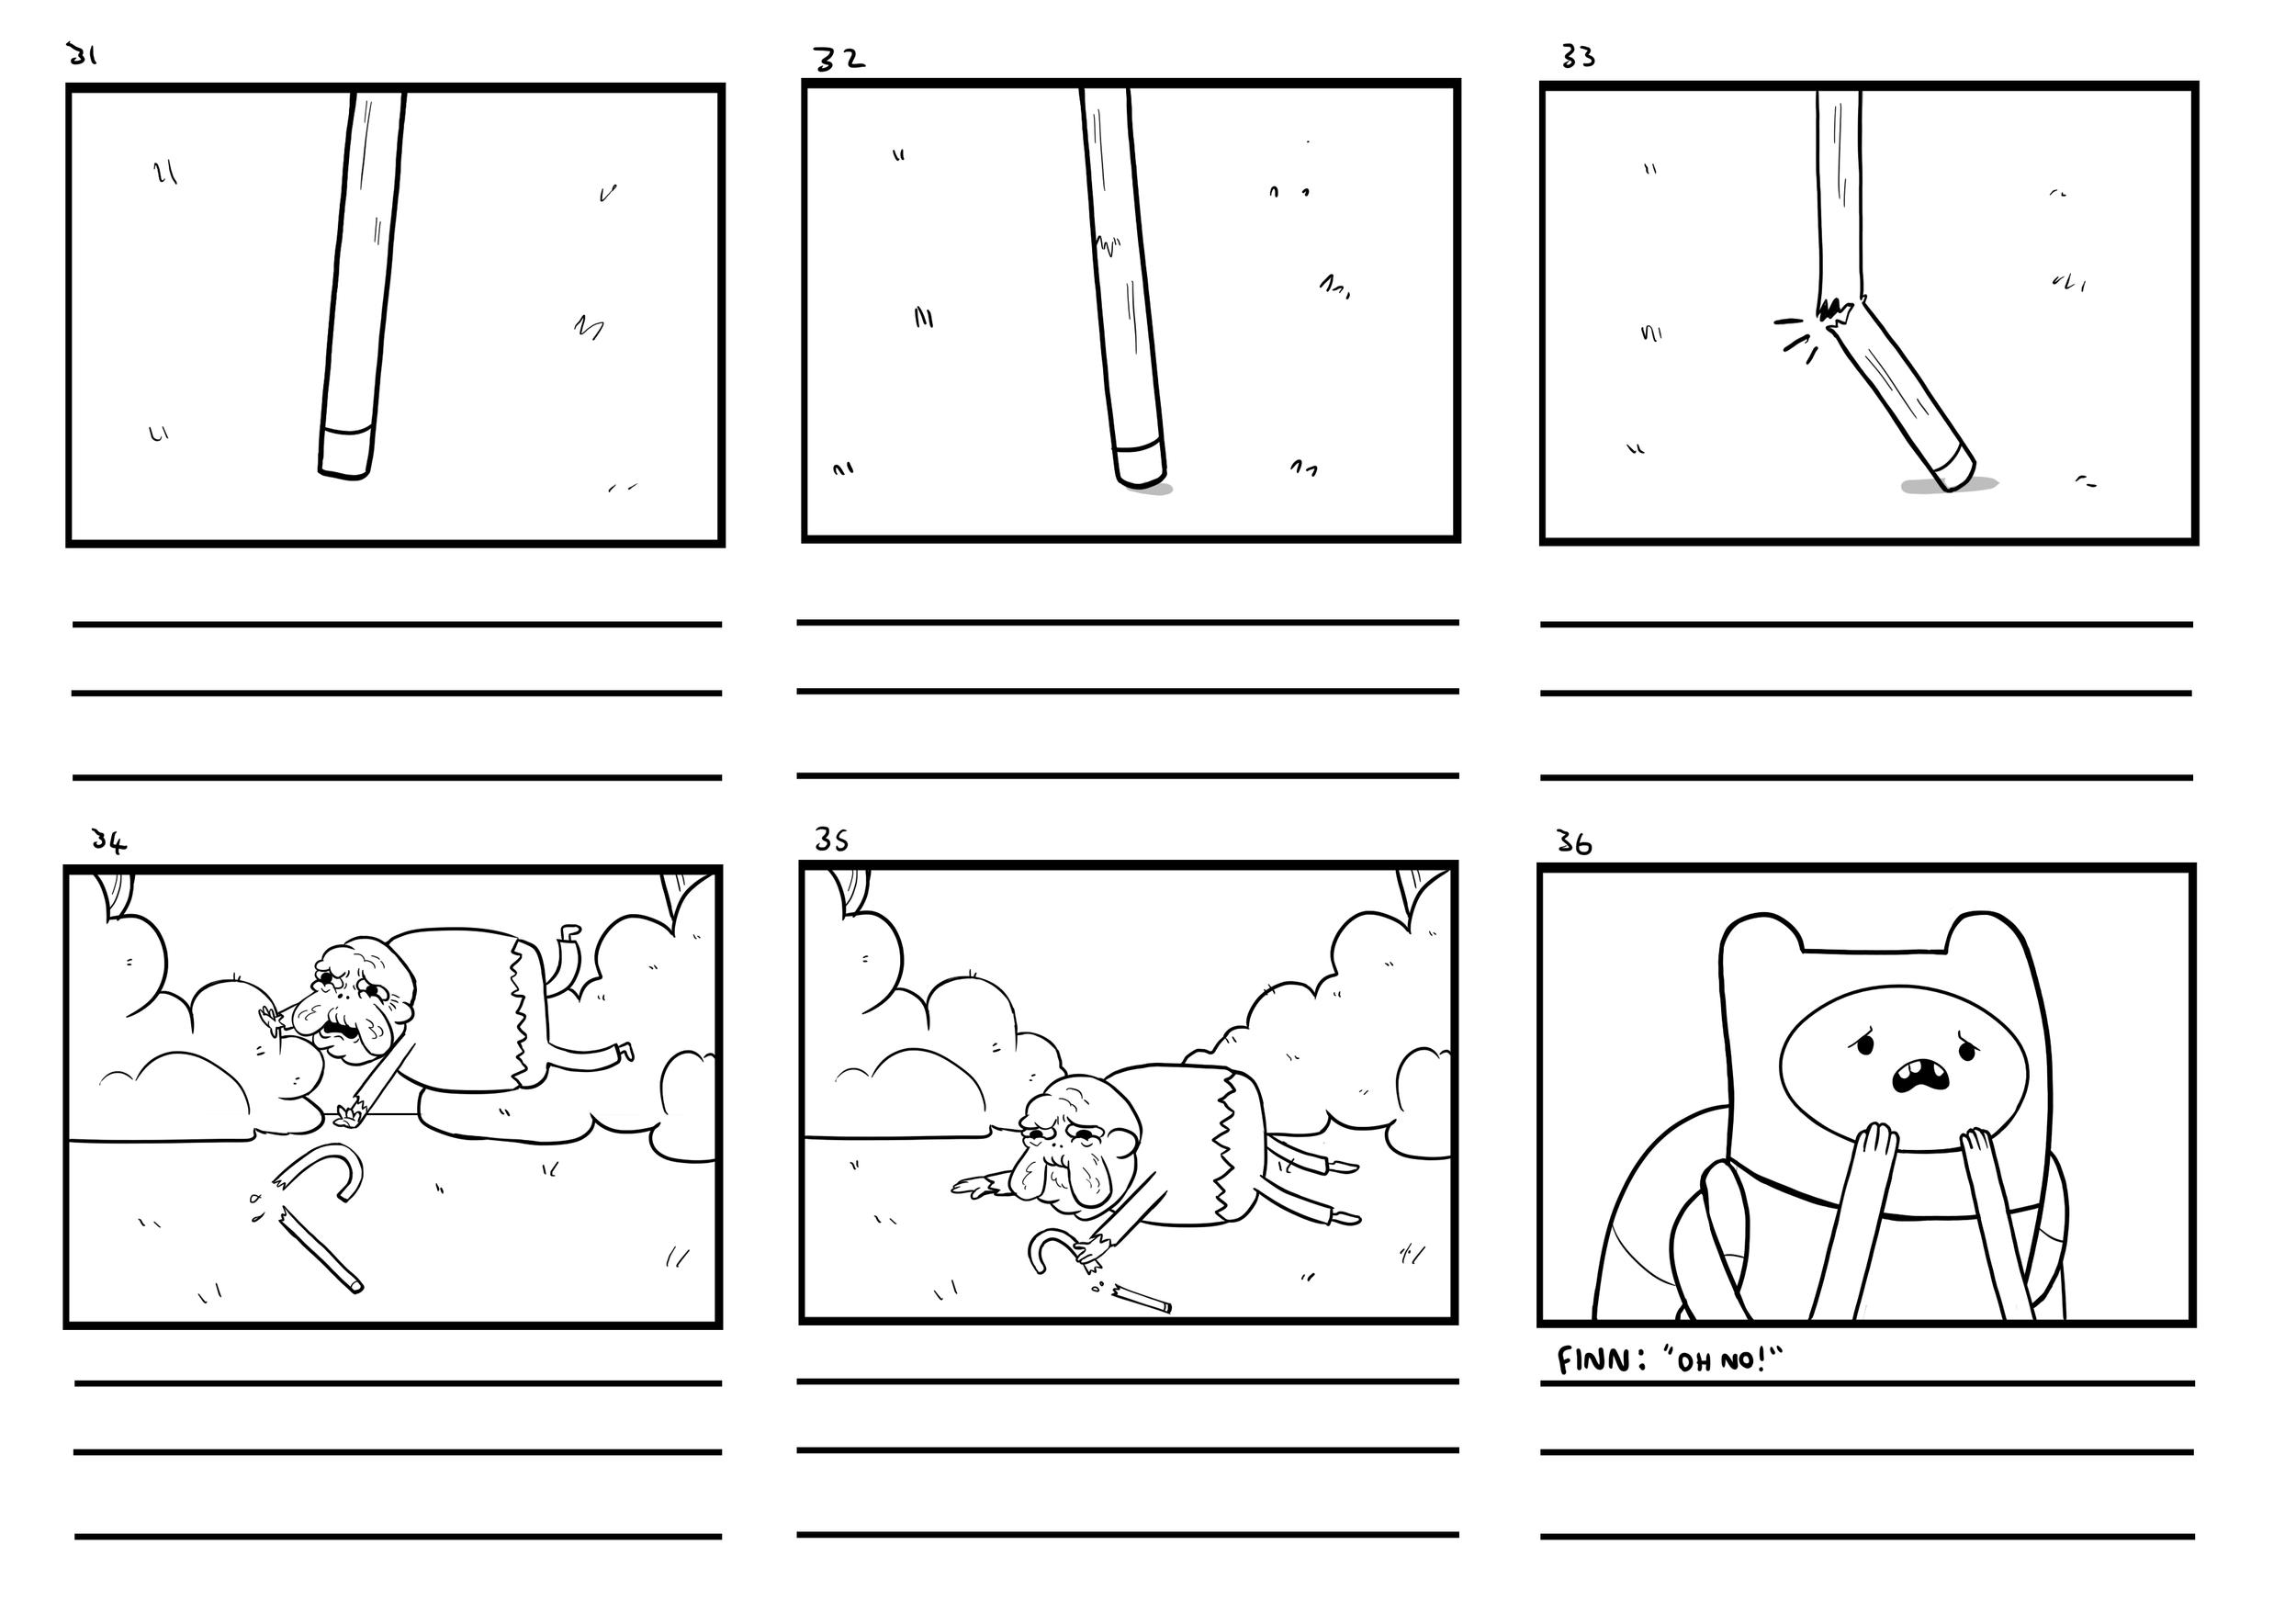 sheet6.png